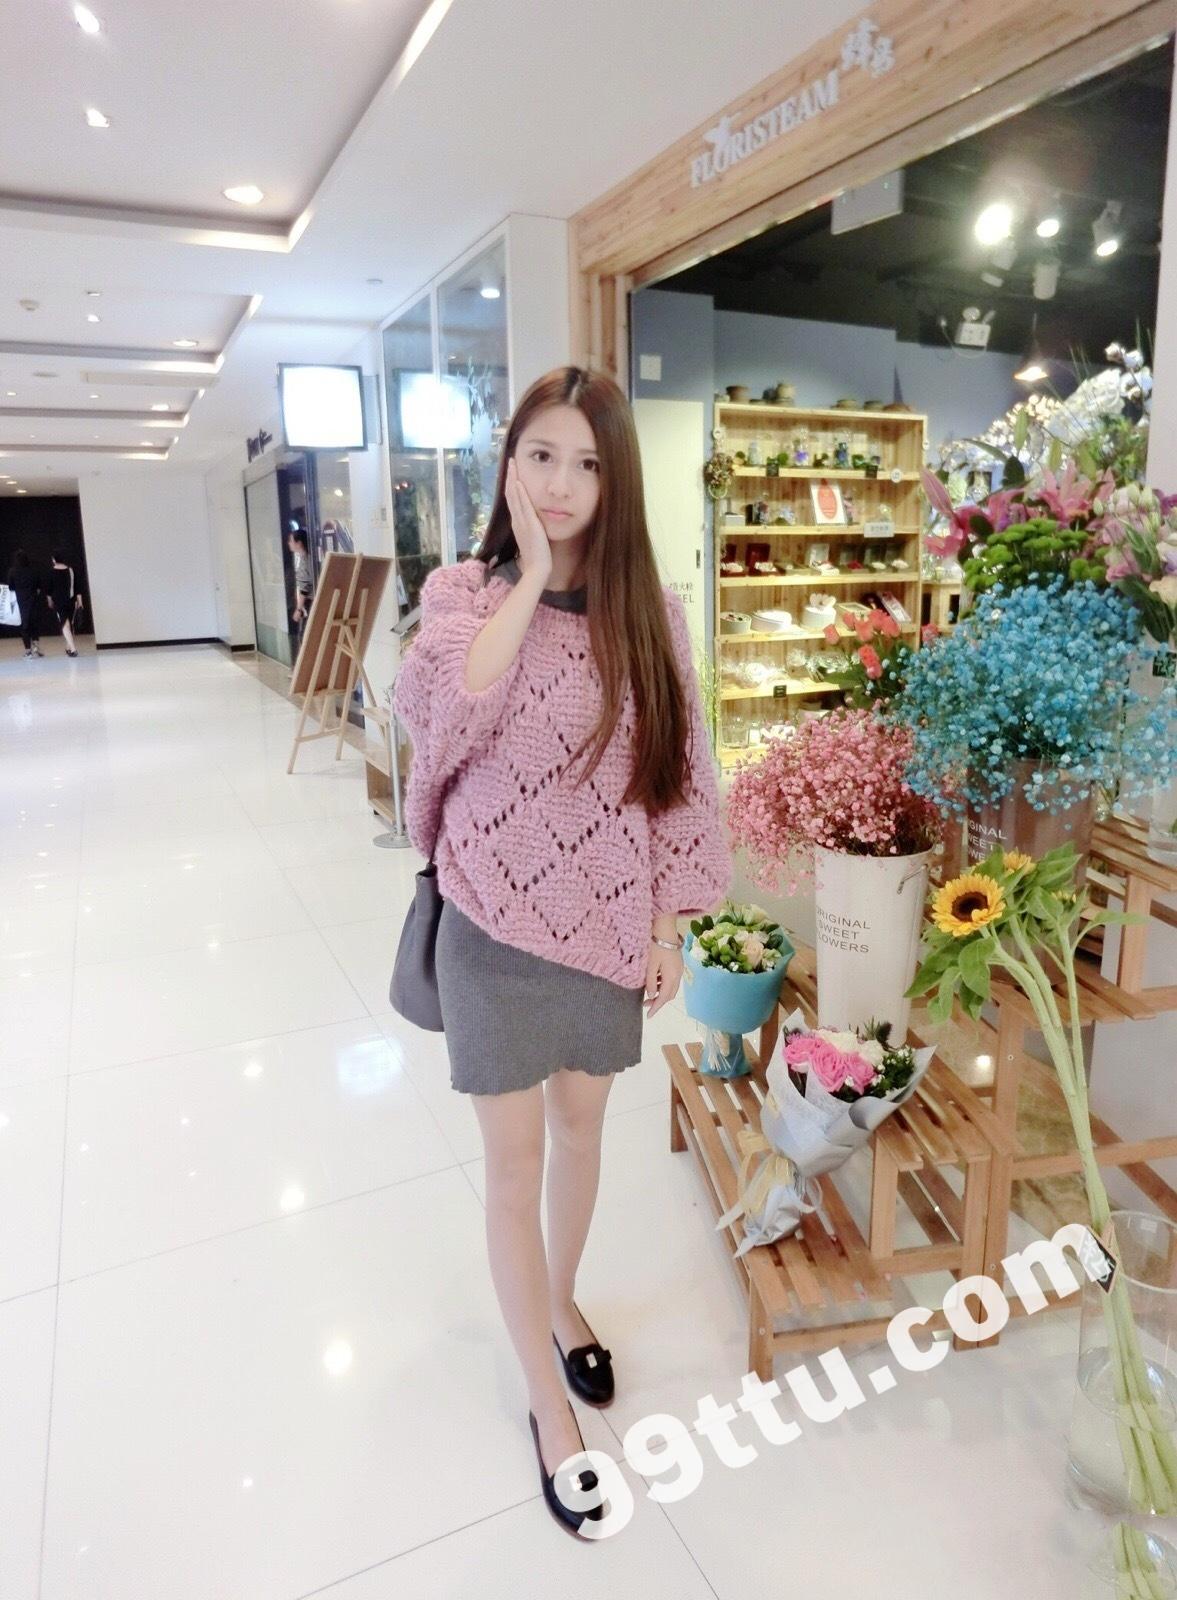 KK62_304张图+21视频 时尚美女网恋真实生活照-1